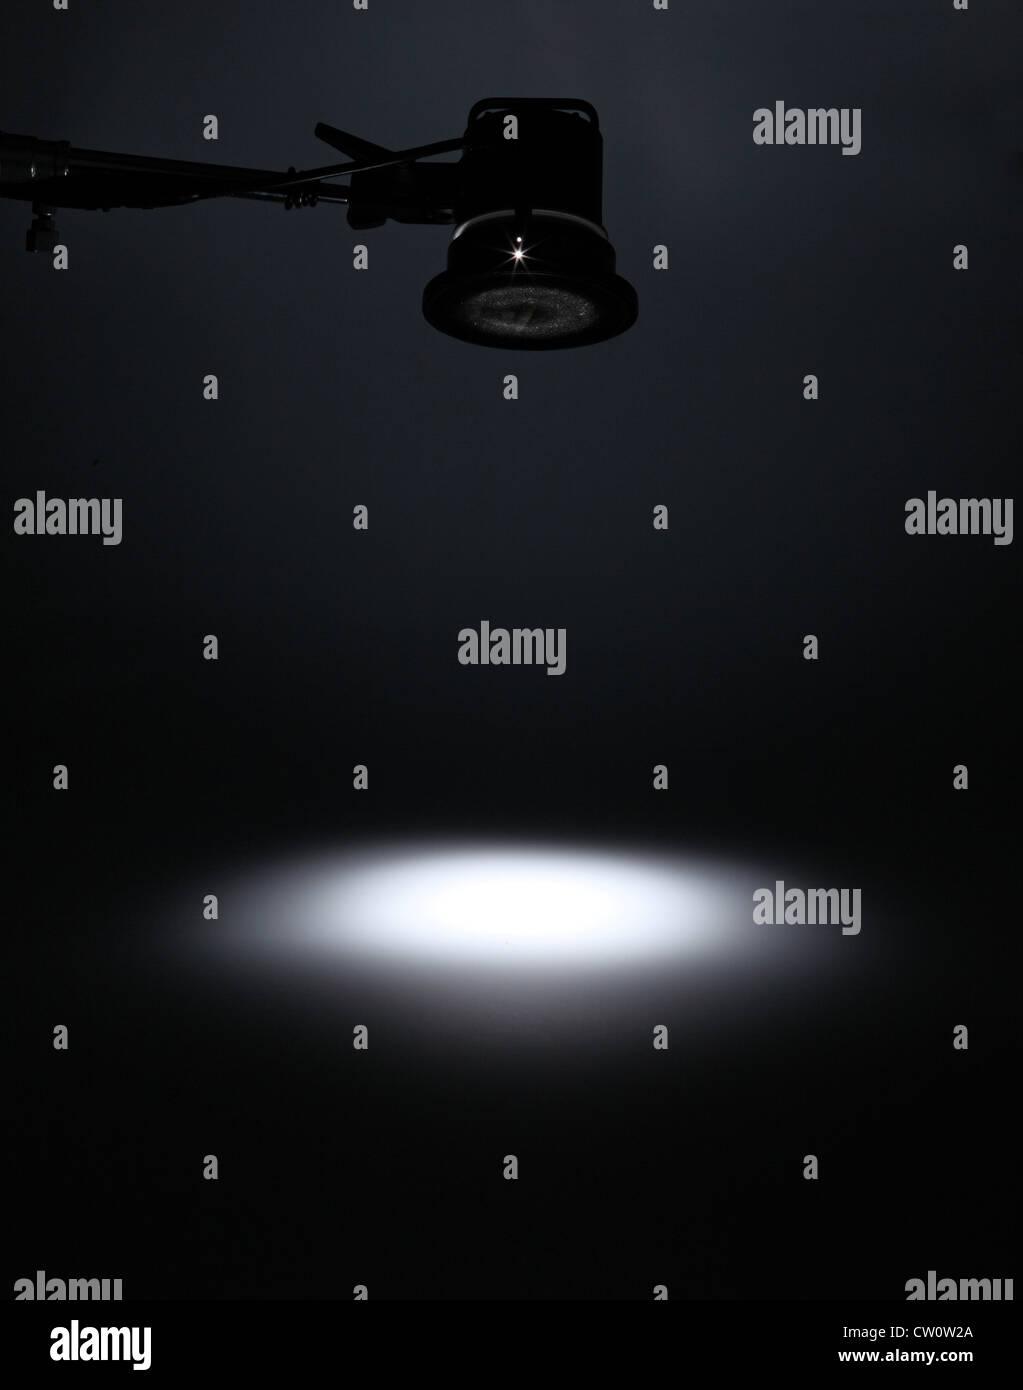 Eine fotografische Licht von oben einen weißen Spot auf einem leeren dunklen Hintergrund zu erstellen. Stockbild